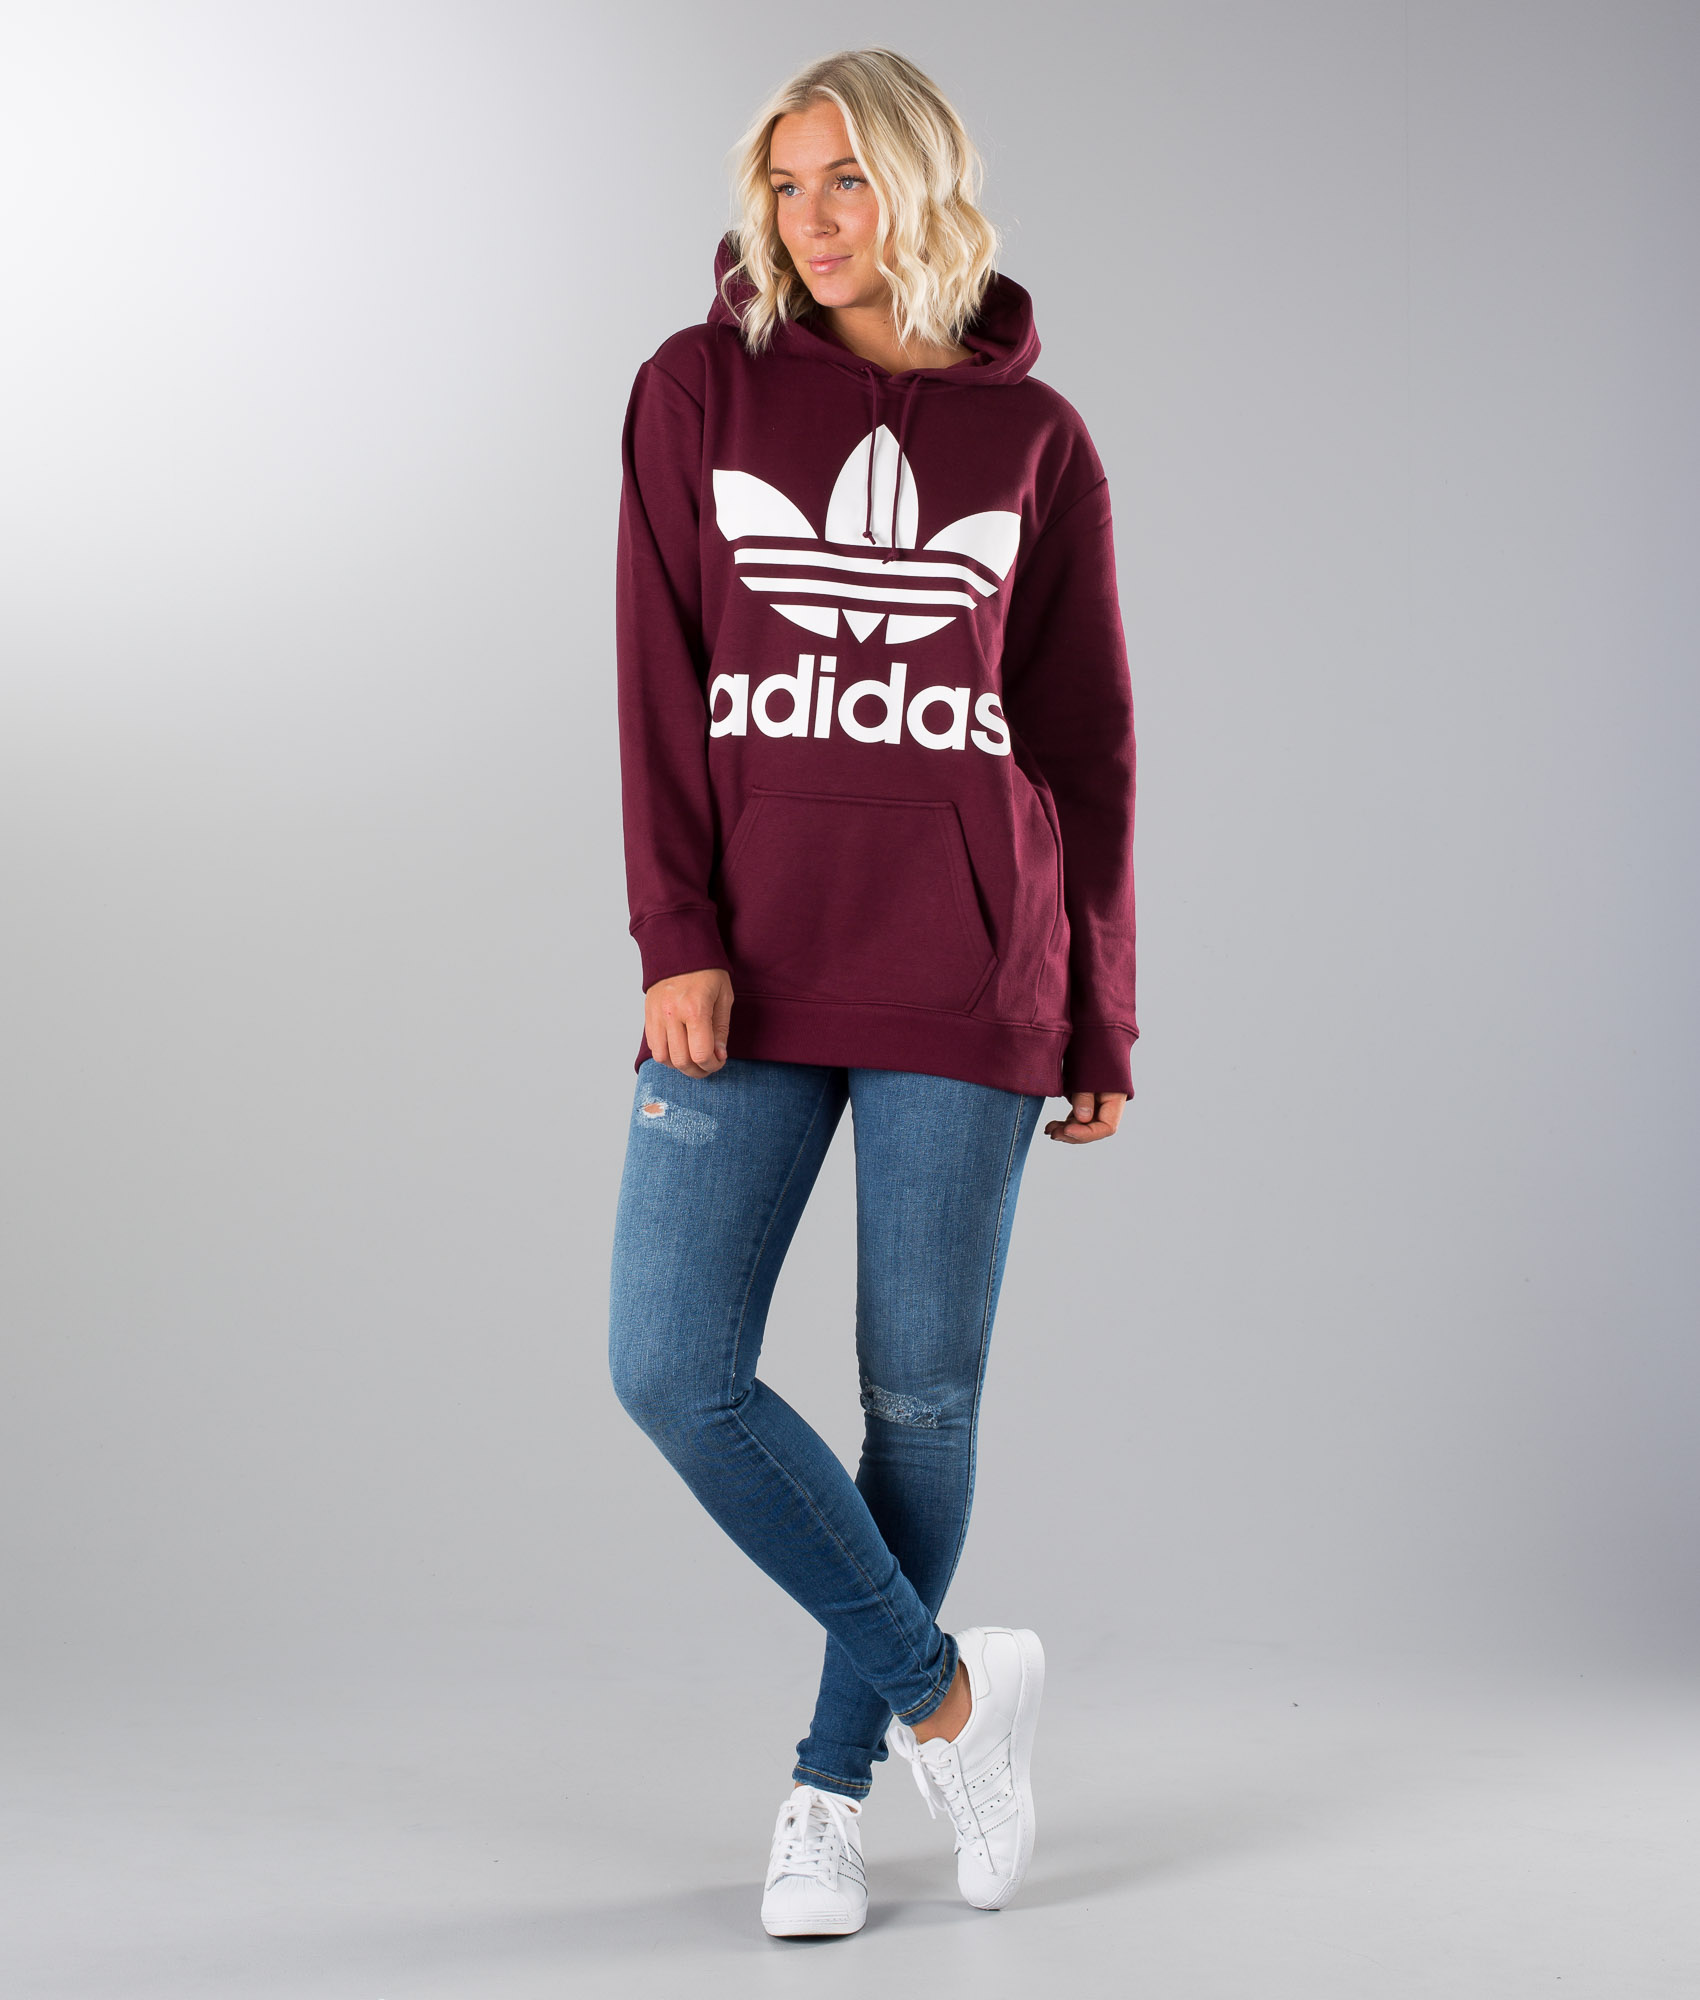 adidas Originals Trefoil Hoodie Maroon N94d2079 | ask